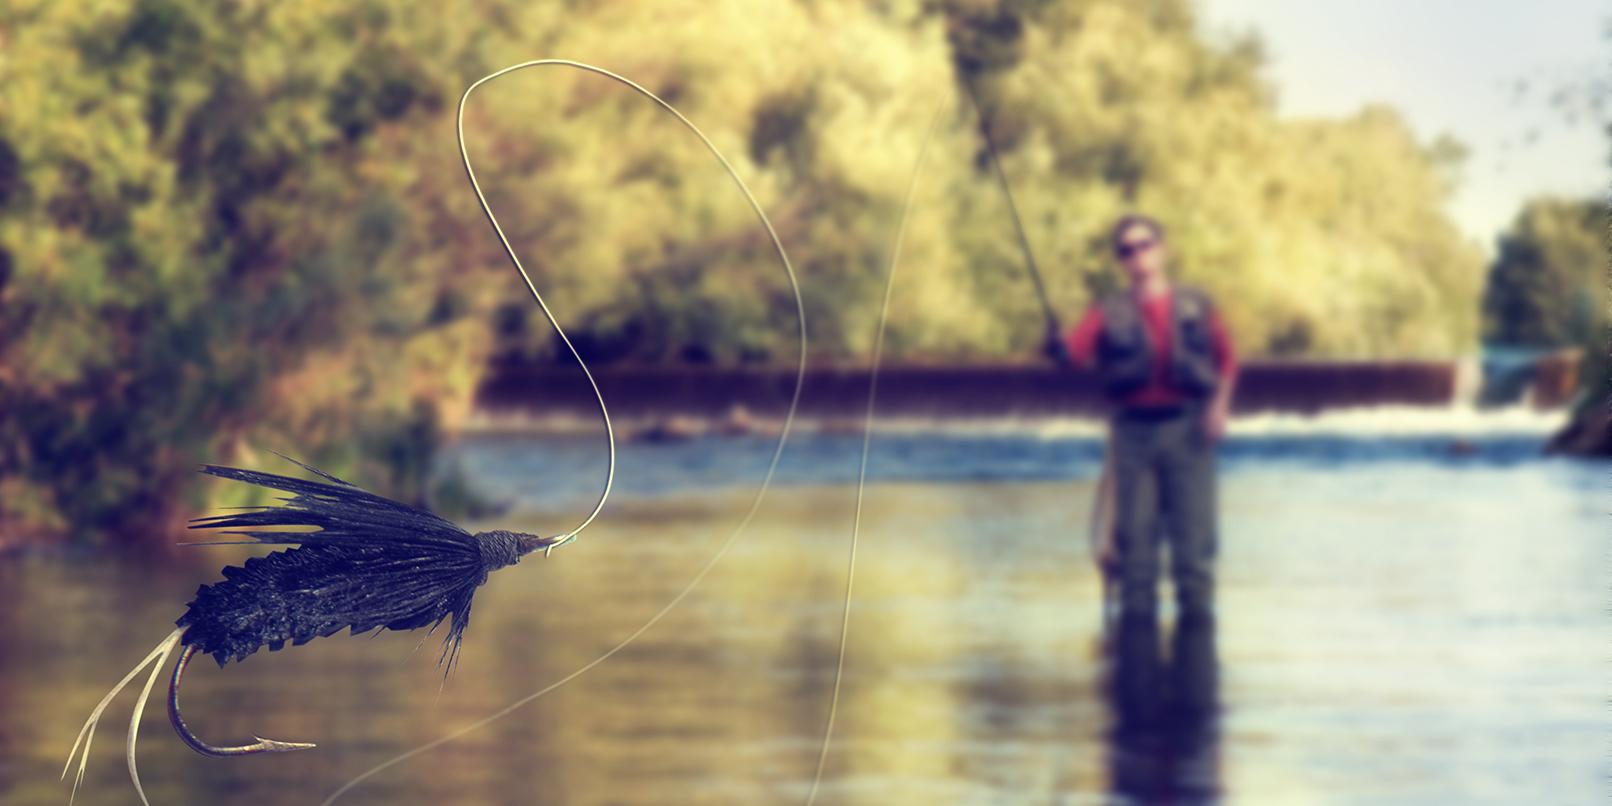 Phishing-fishing